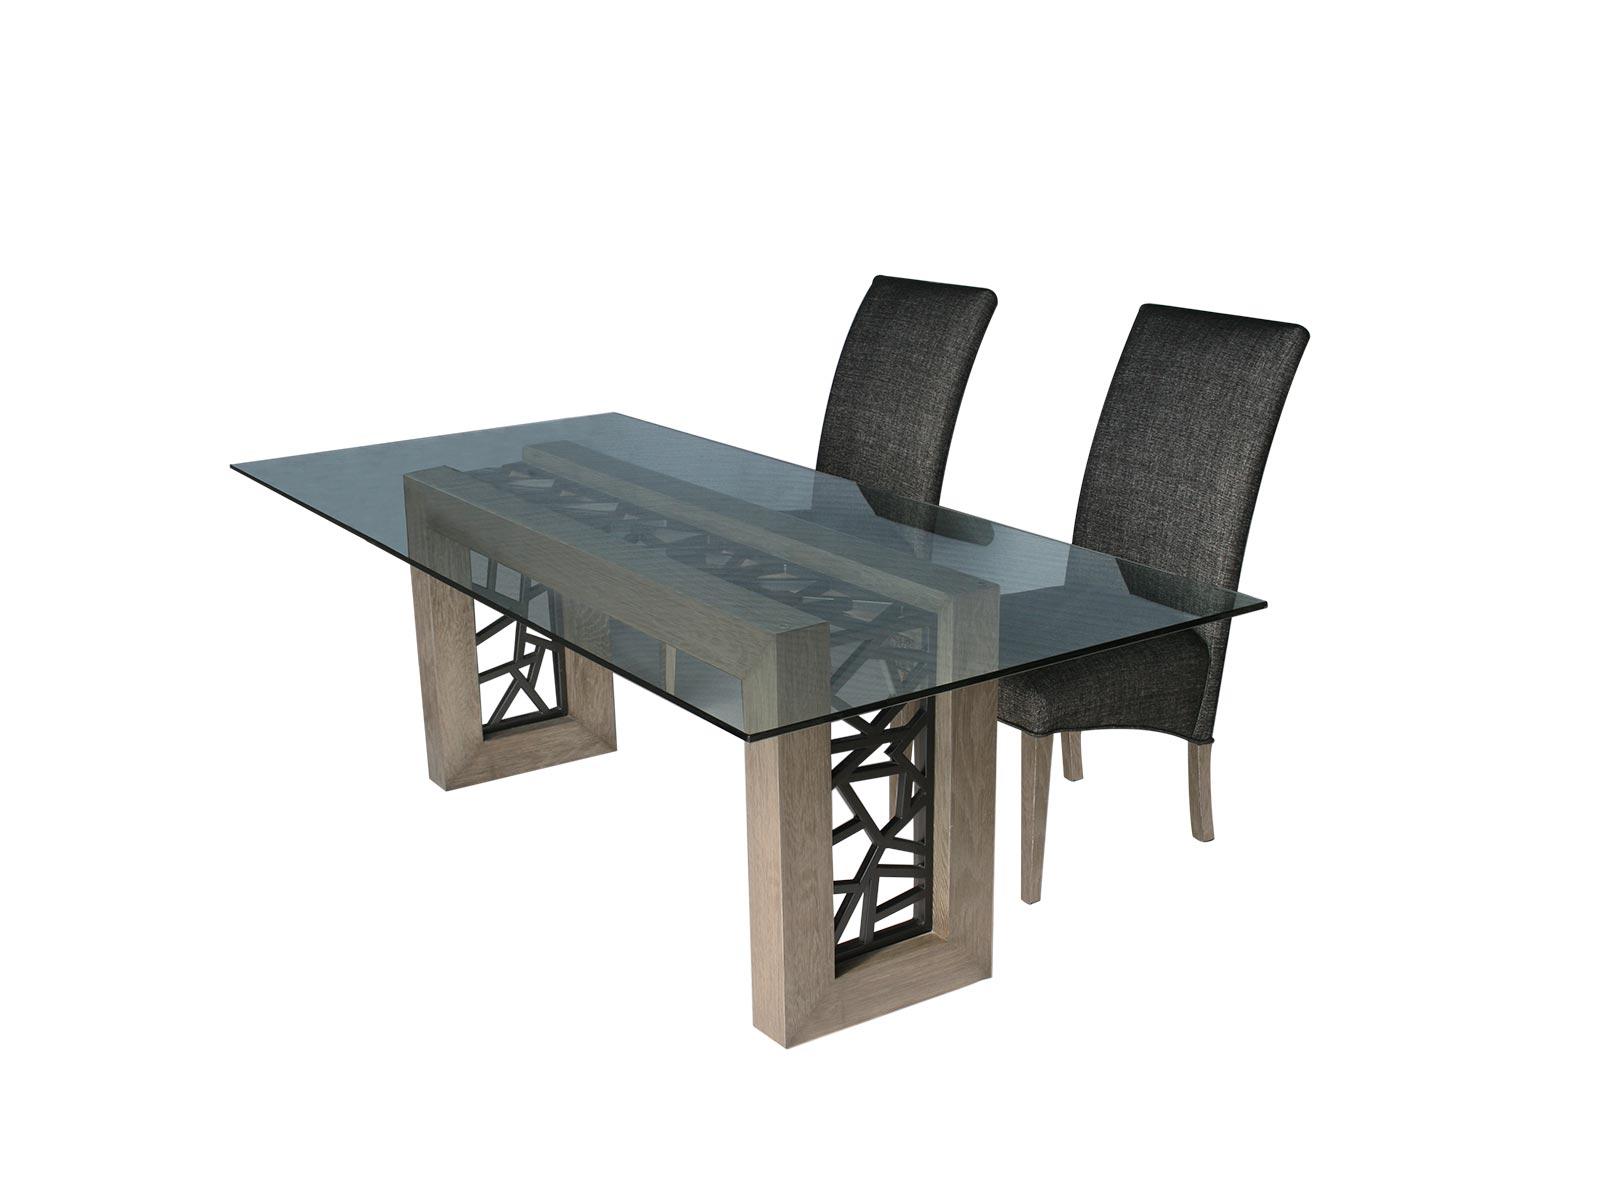 Mesa de sala porto centro y lateral para cristal for Base de cristal para mesa